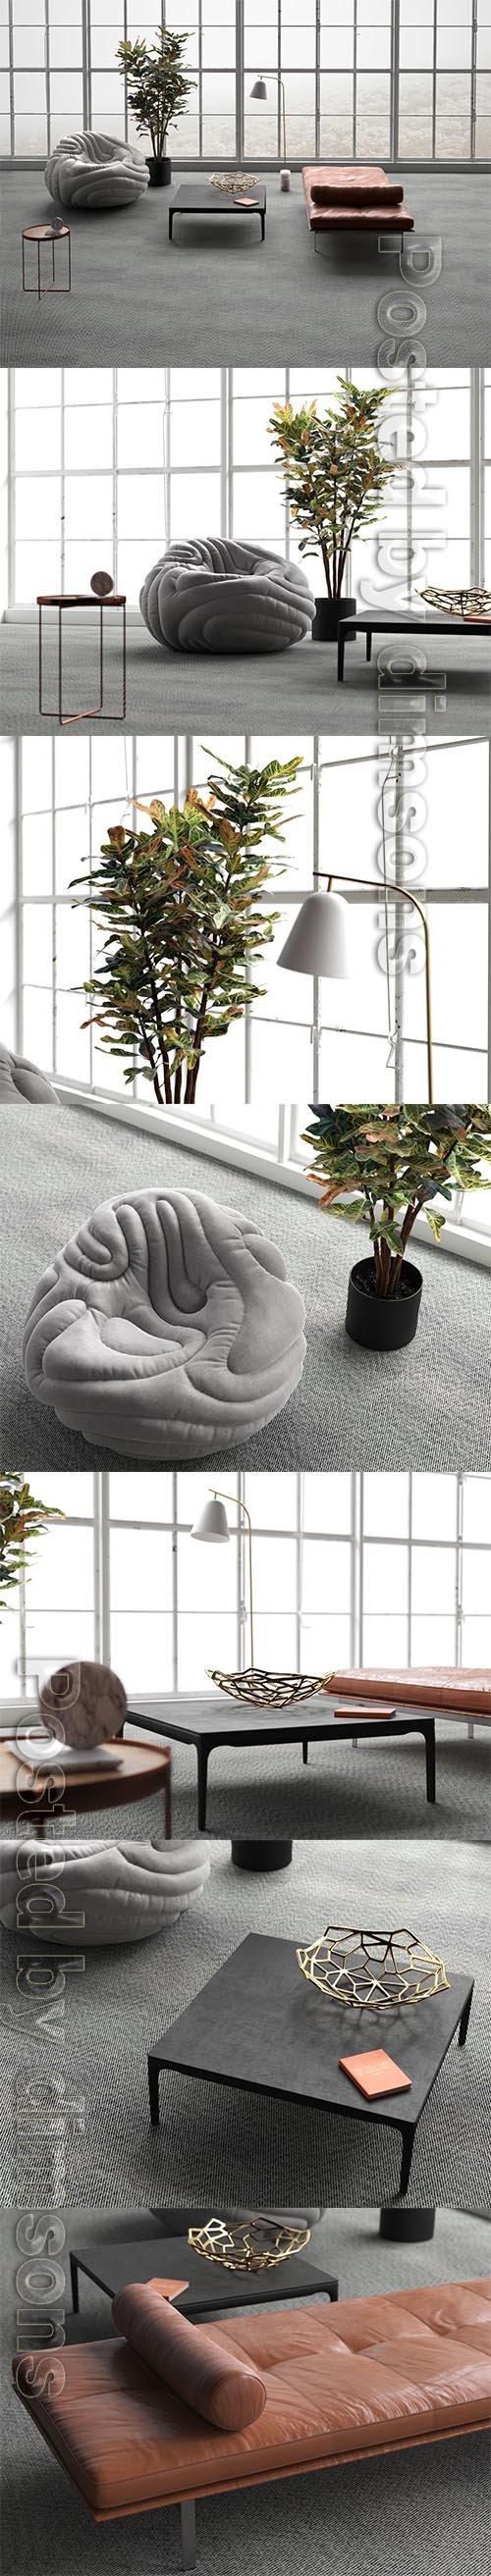 BeInspiration 41 3D model